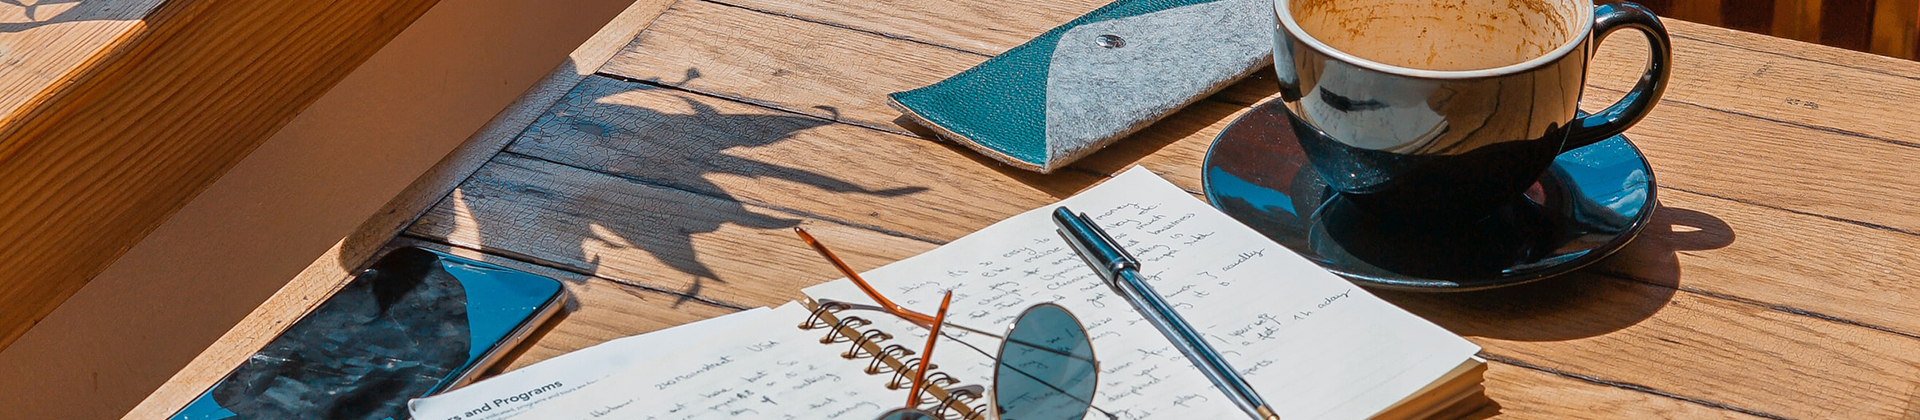 Schrijven met koffie